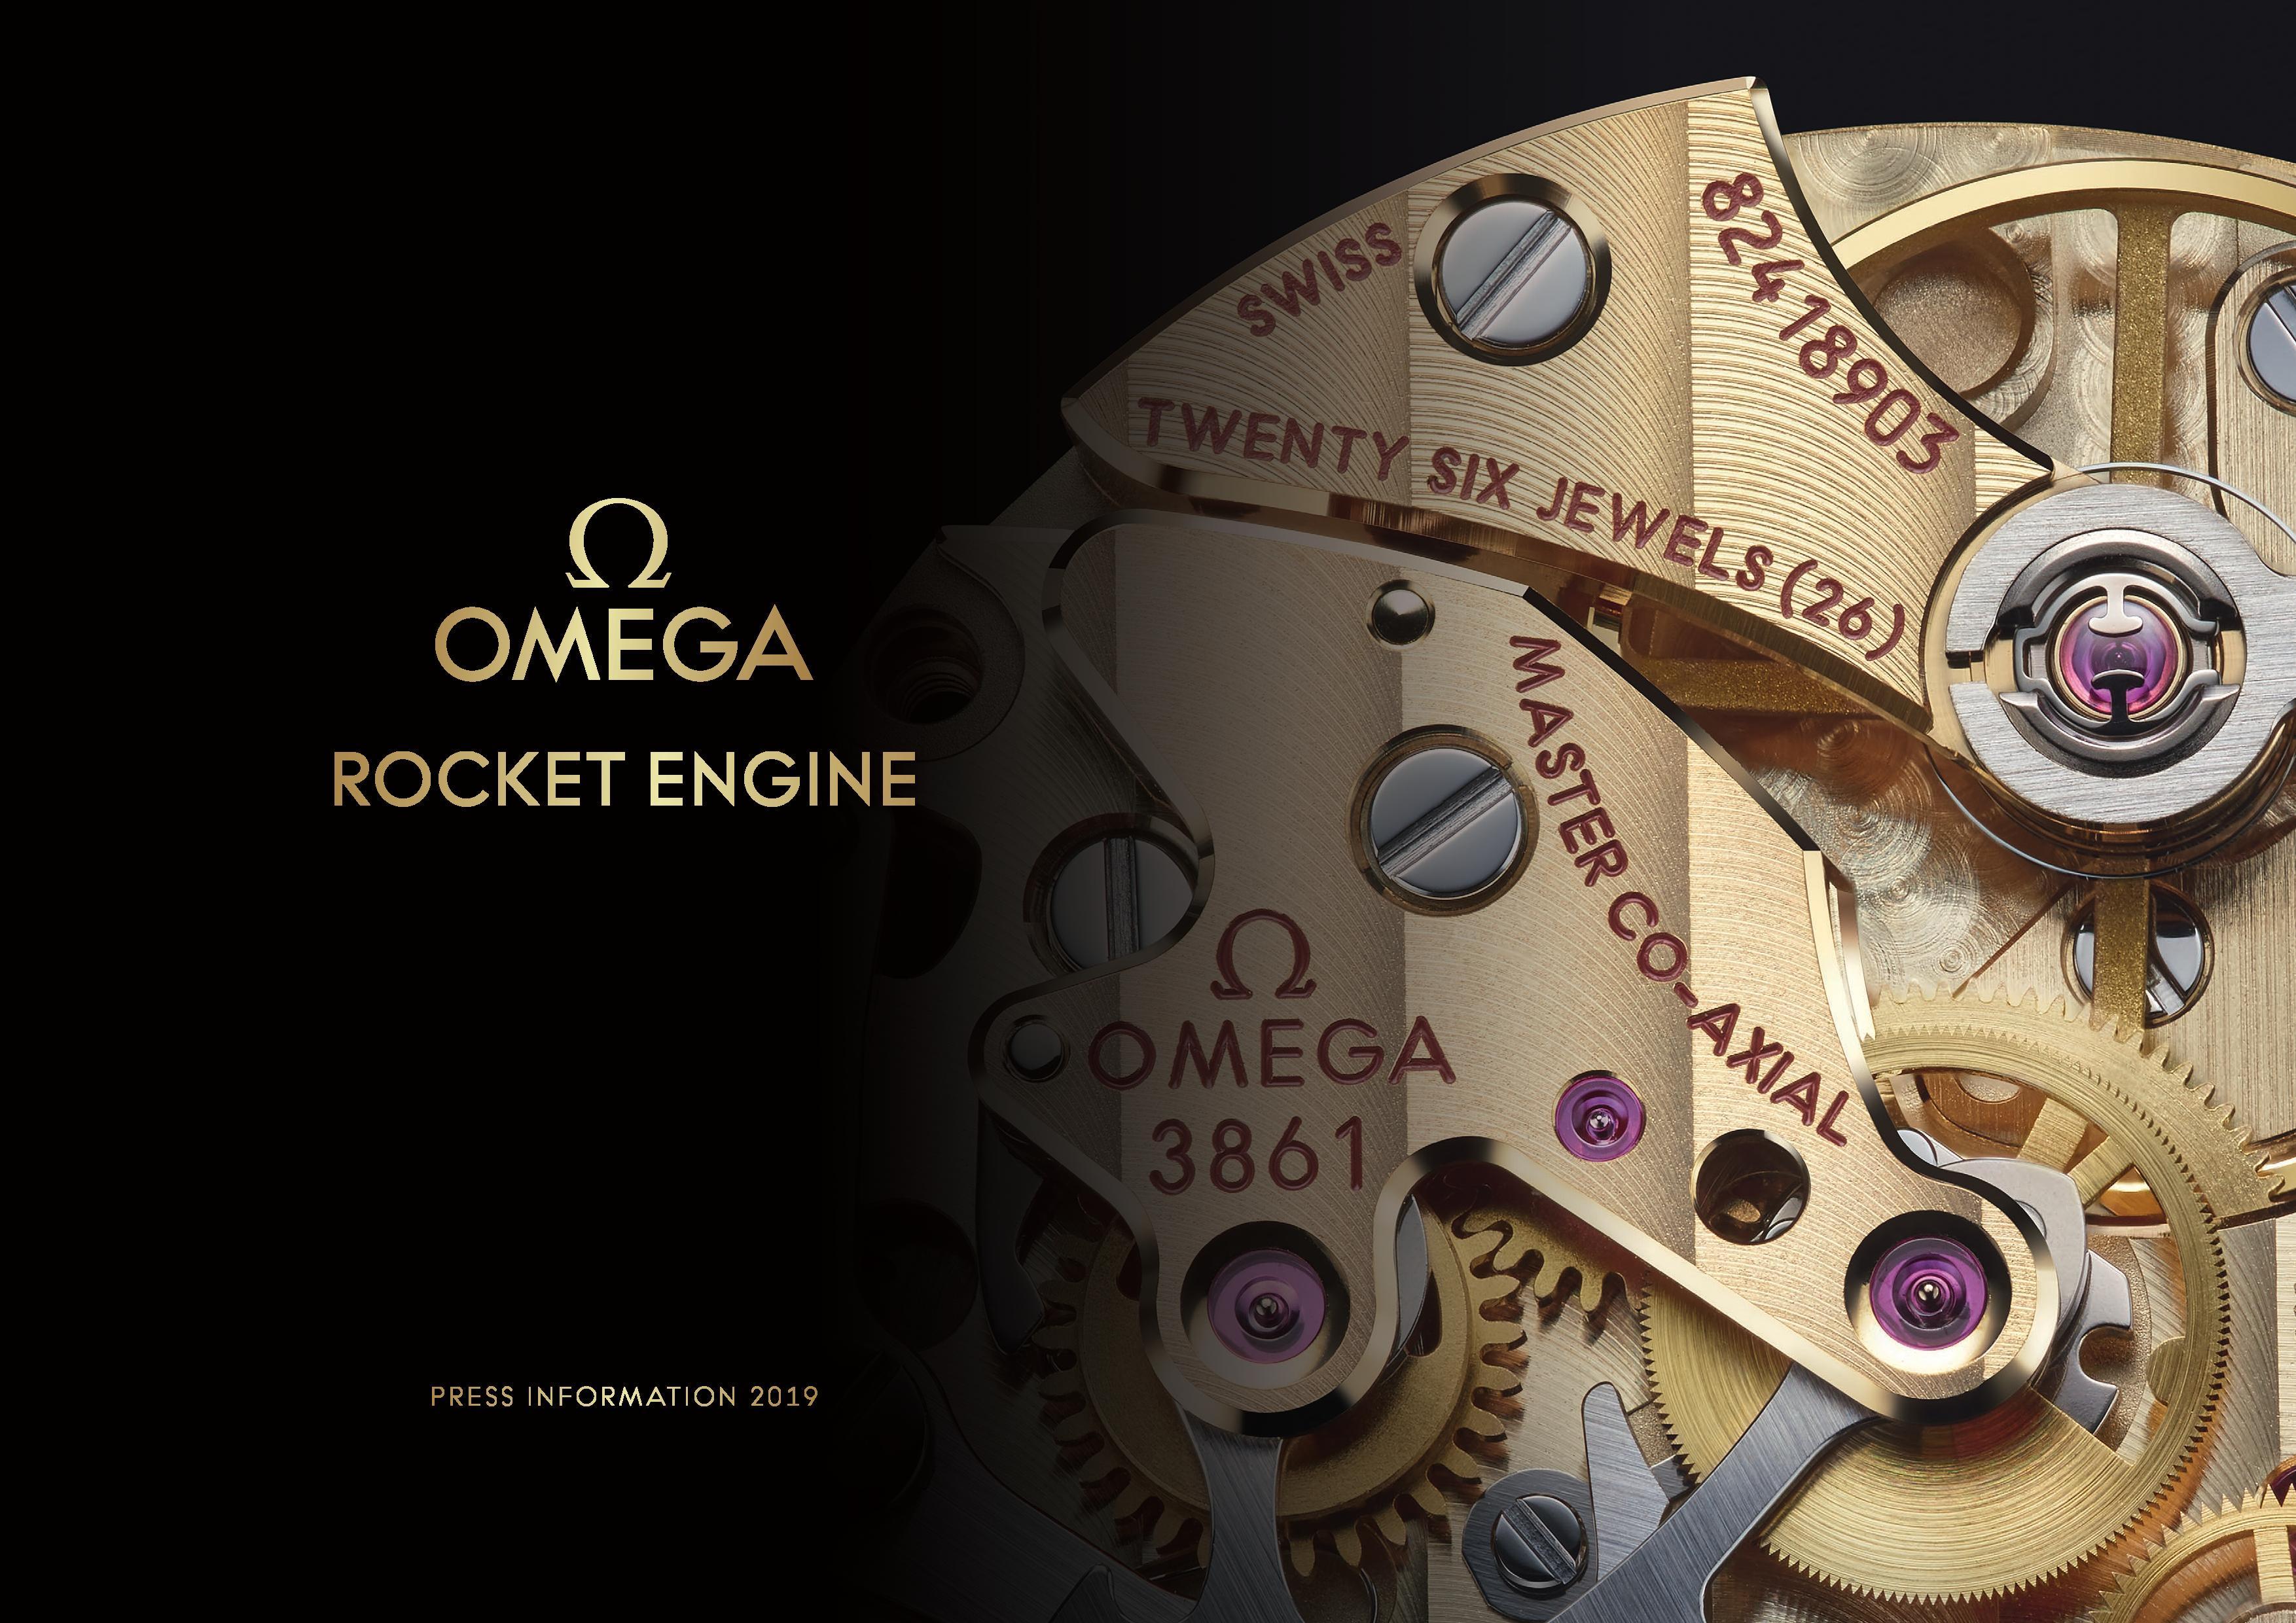 Press Release: Omega Caliber 3861 – Rocket Engine